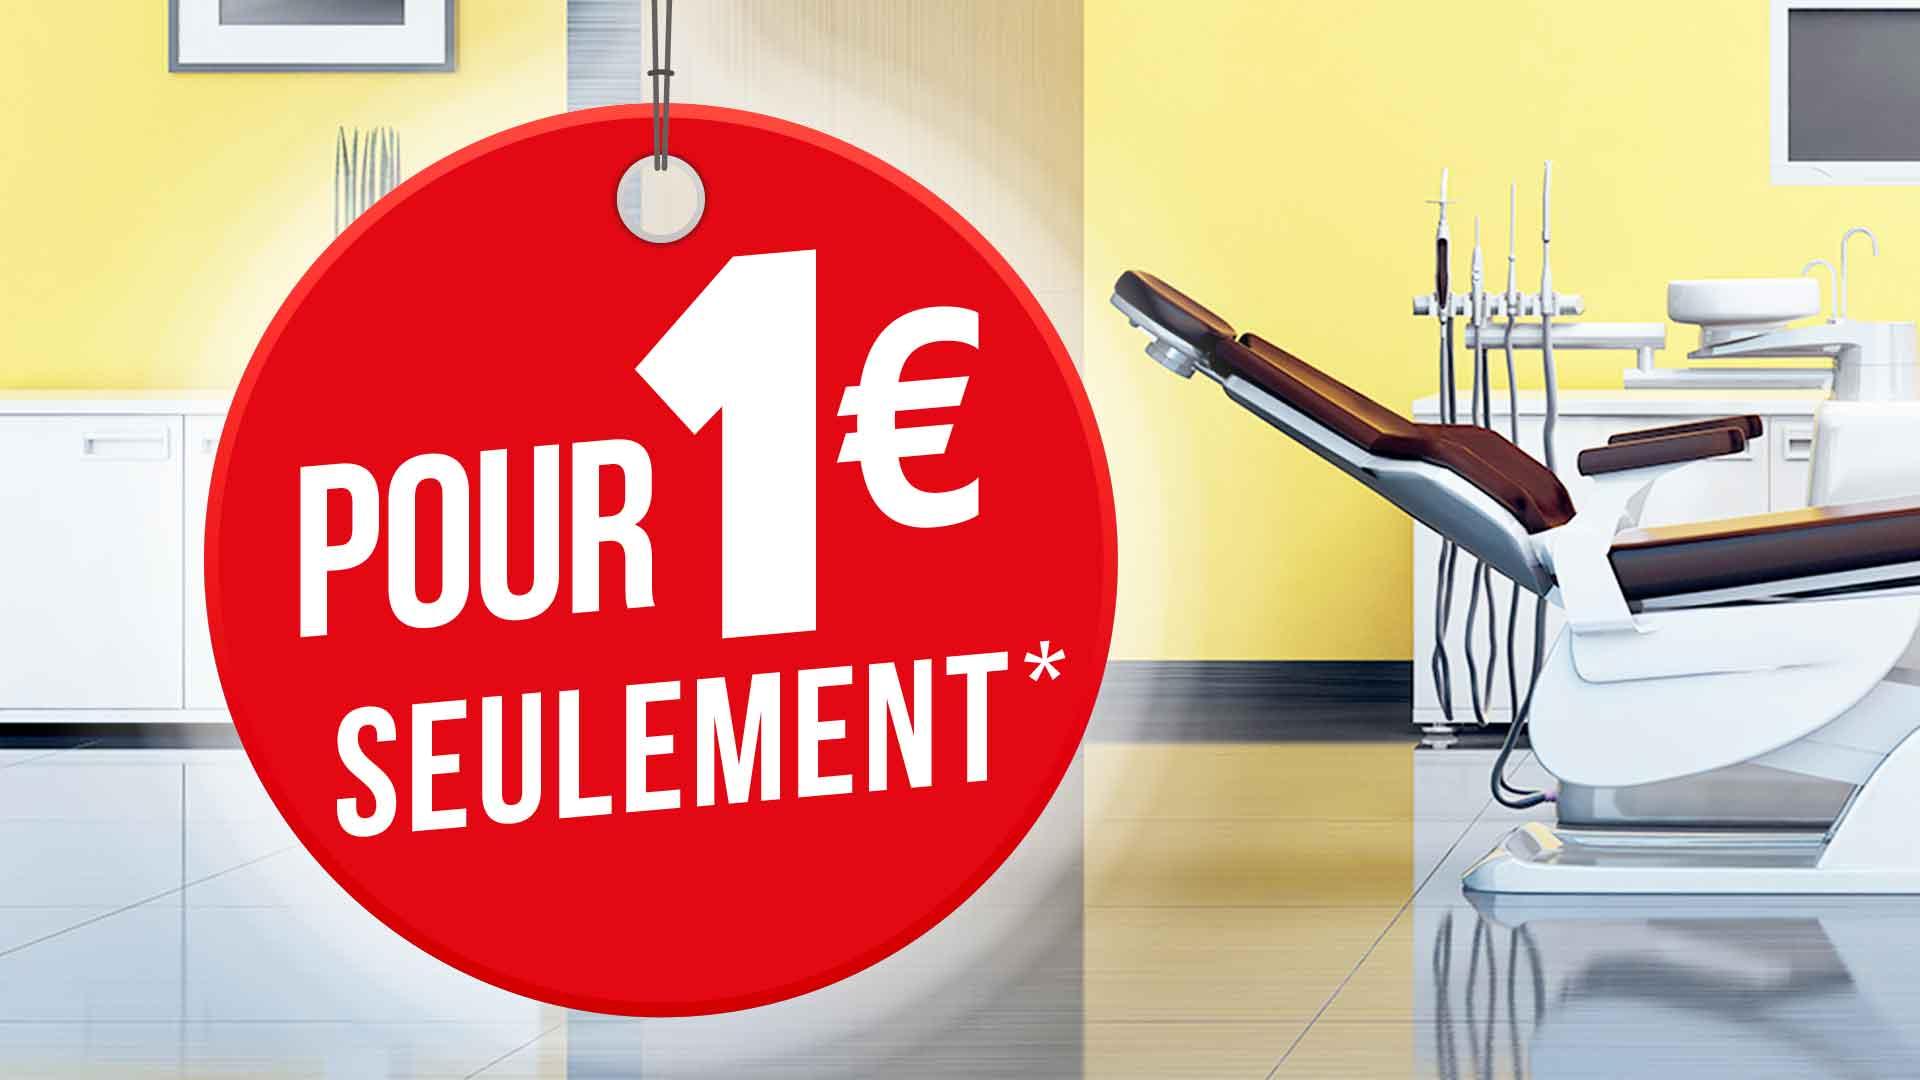 Bannière pour appliquer une offre pour 1€ de plus